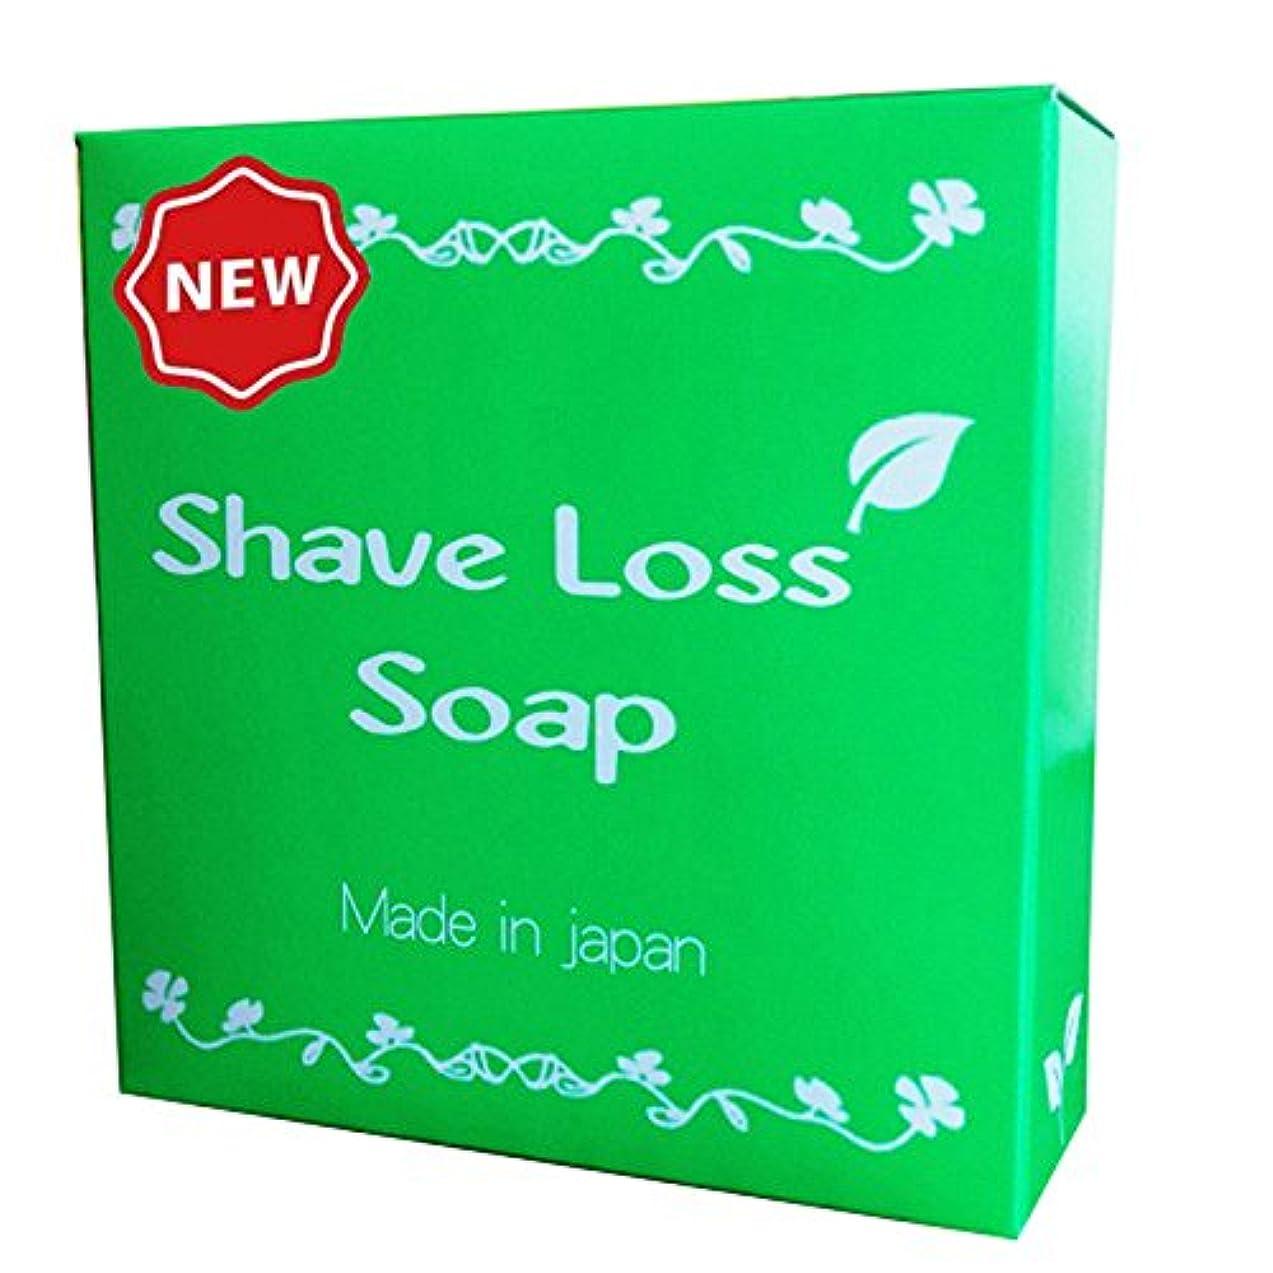 モザイク雑多なパンフレット【NEW】Shave Loss Soap 女性のツルツルを叶える 奇跡の石鹸 80g 2018年最新版 「ダイズ種子エキス」 「ラレアディバリカタエキス」大幅増量タイプ